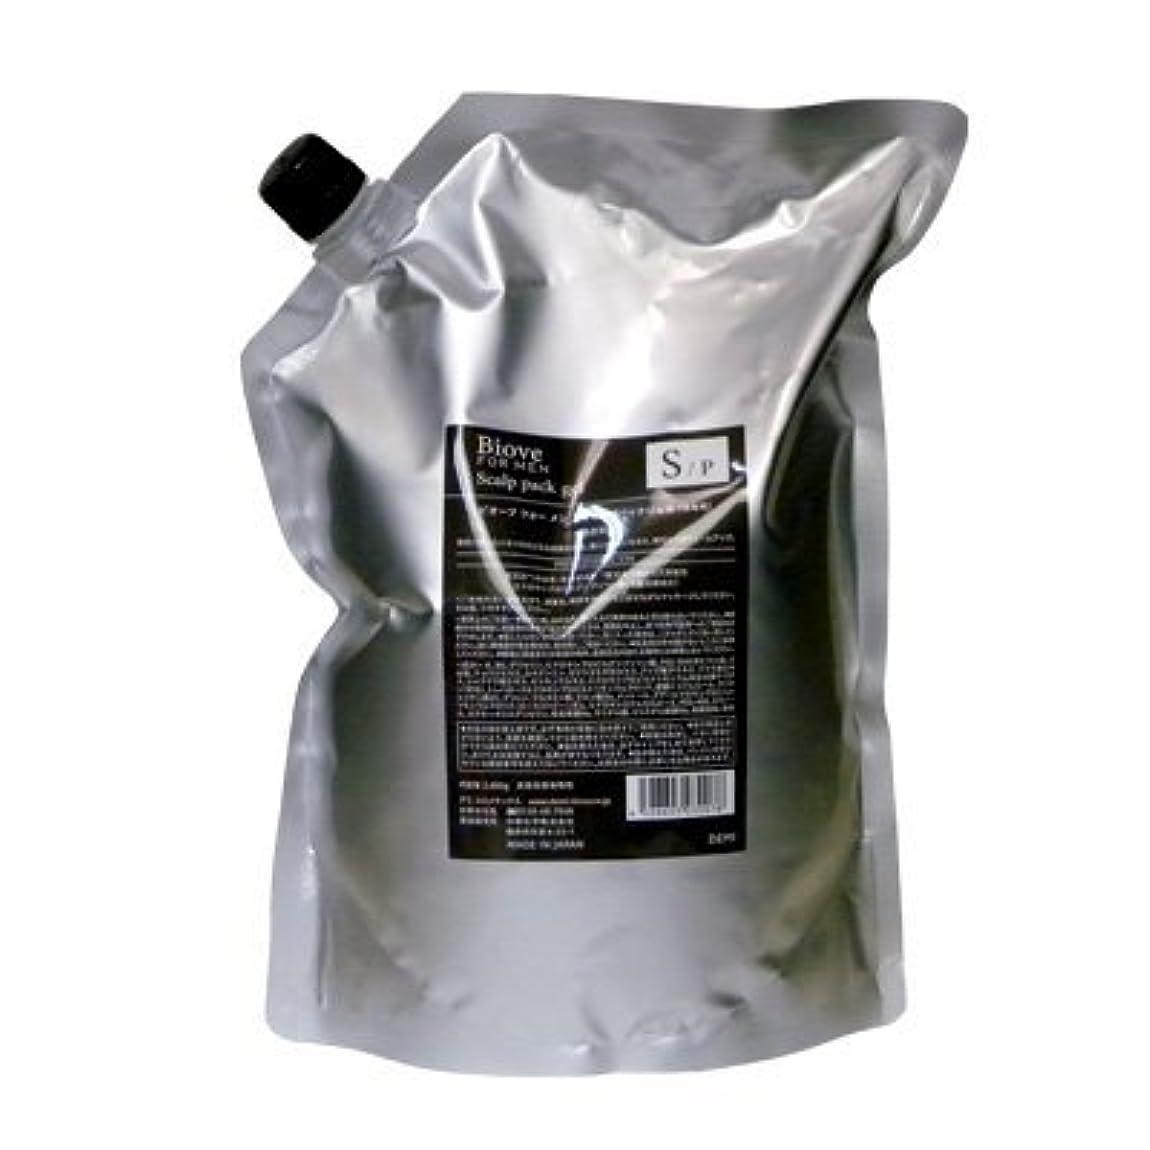 インシデント踏み台小麦デミ ビオーブ フォーメン スキャルプパックジェル 2000g 詰め替え (頭皮トリートメント)